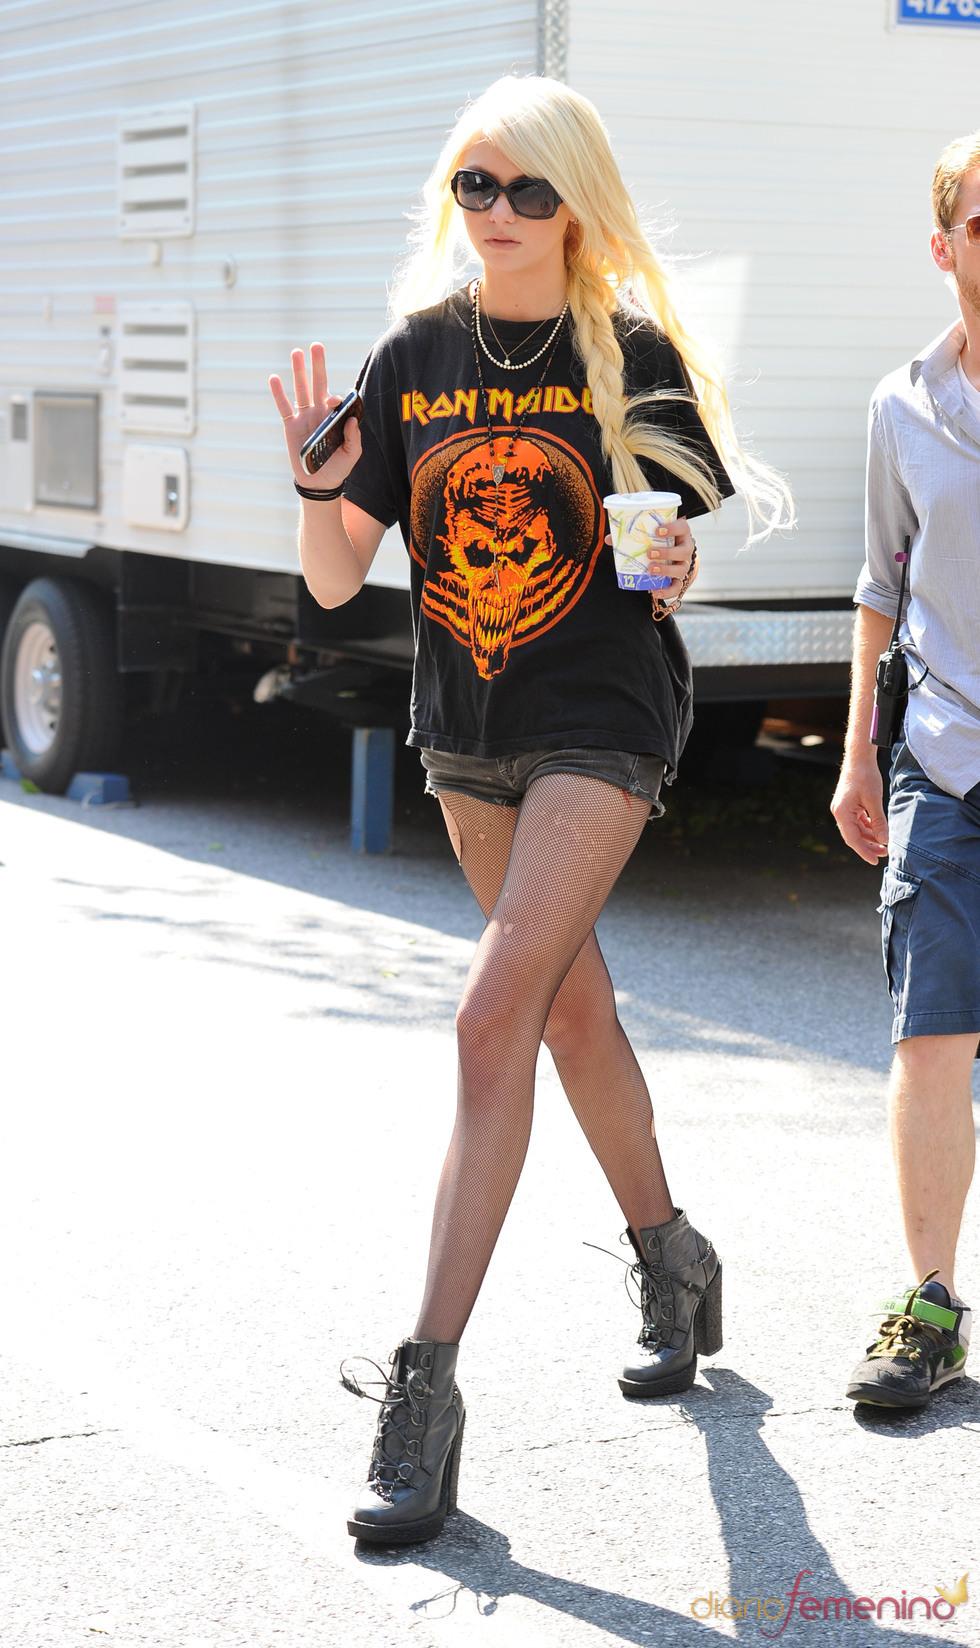 Taylor con una camiseta de Iron Maiden